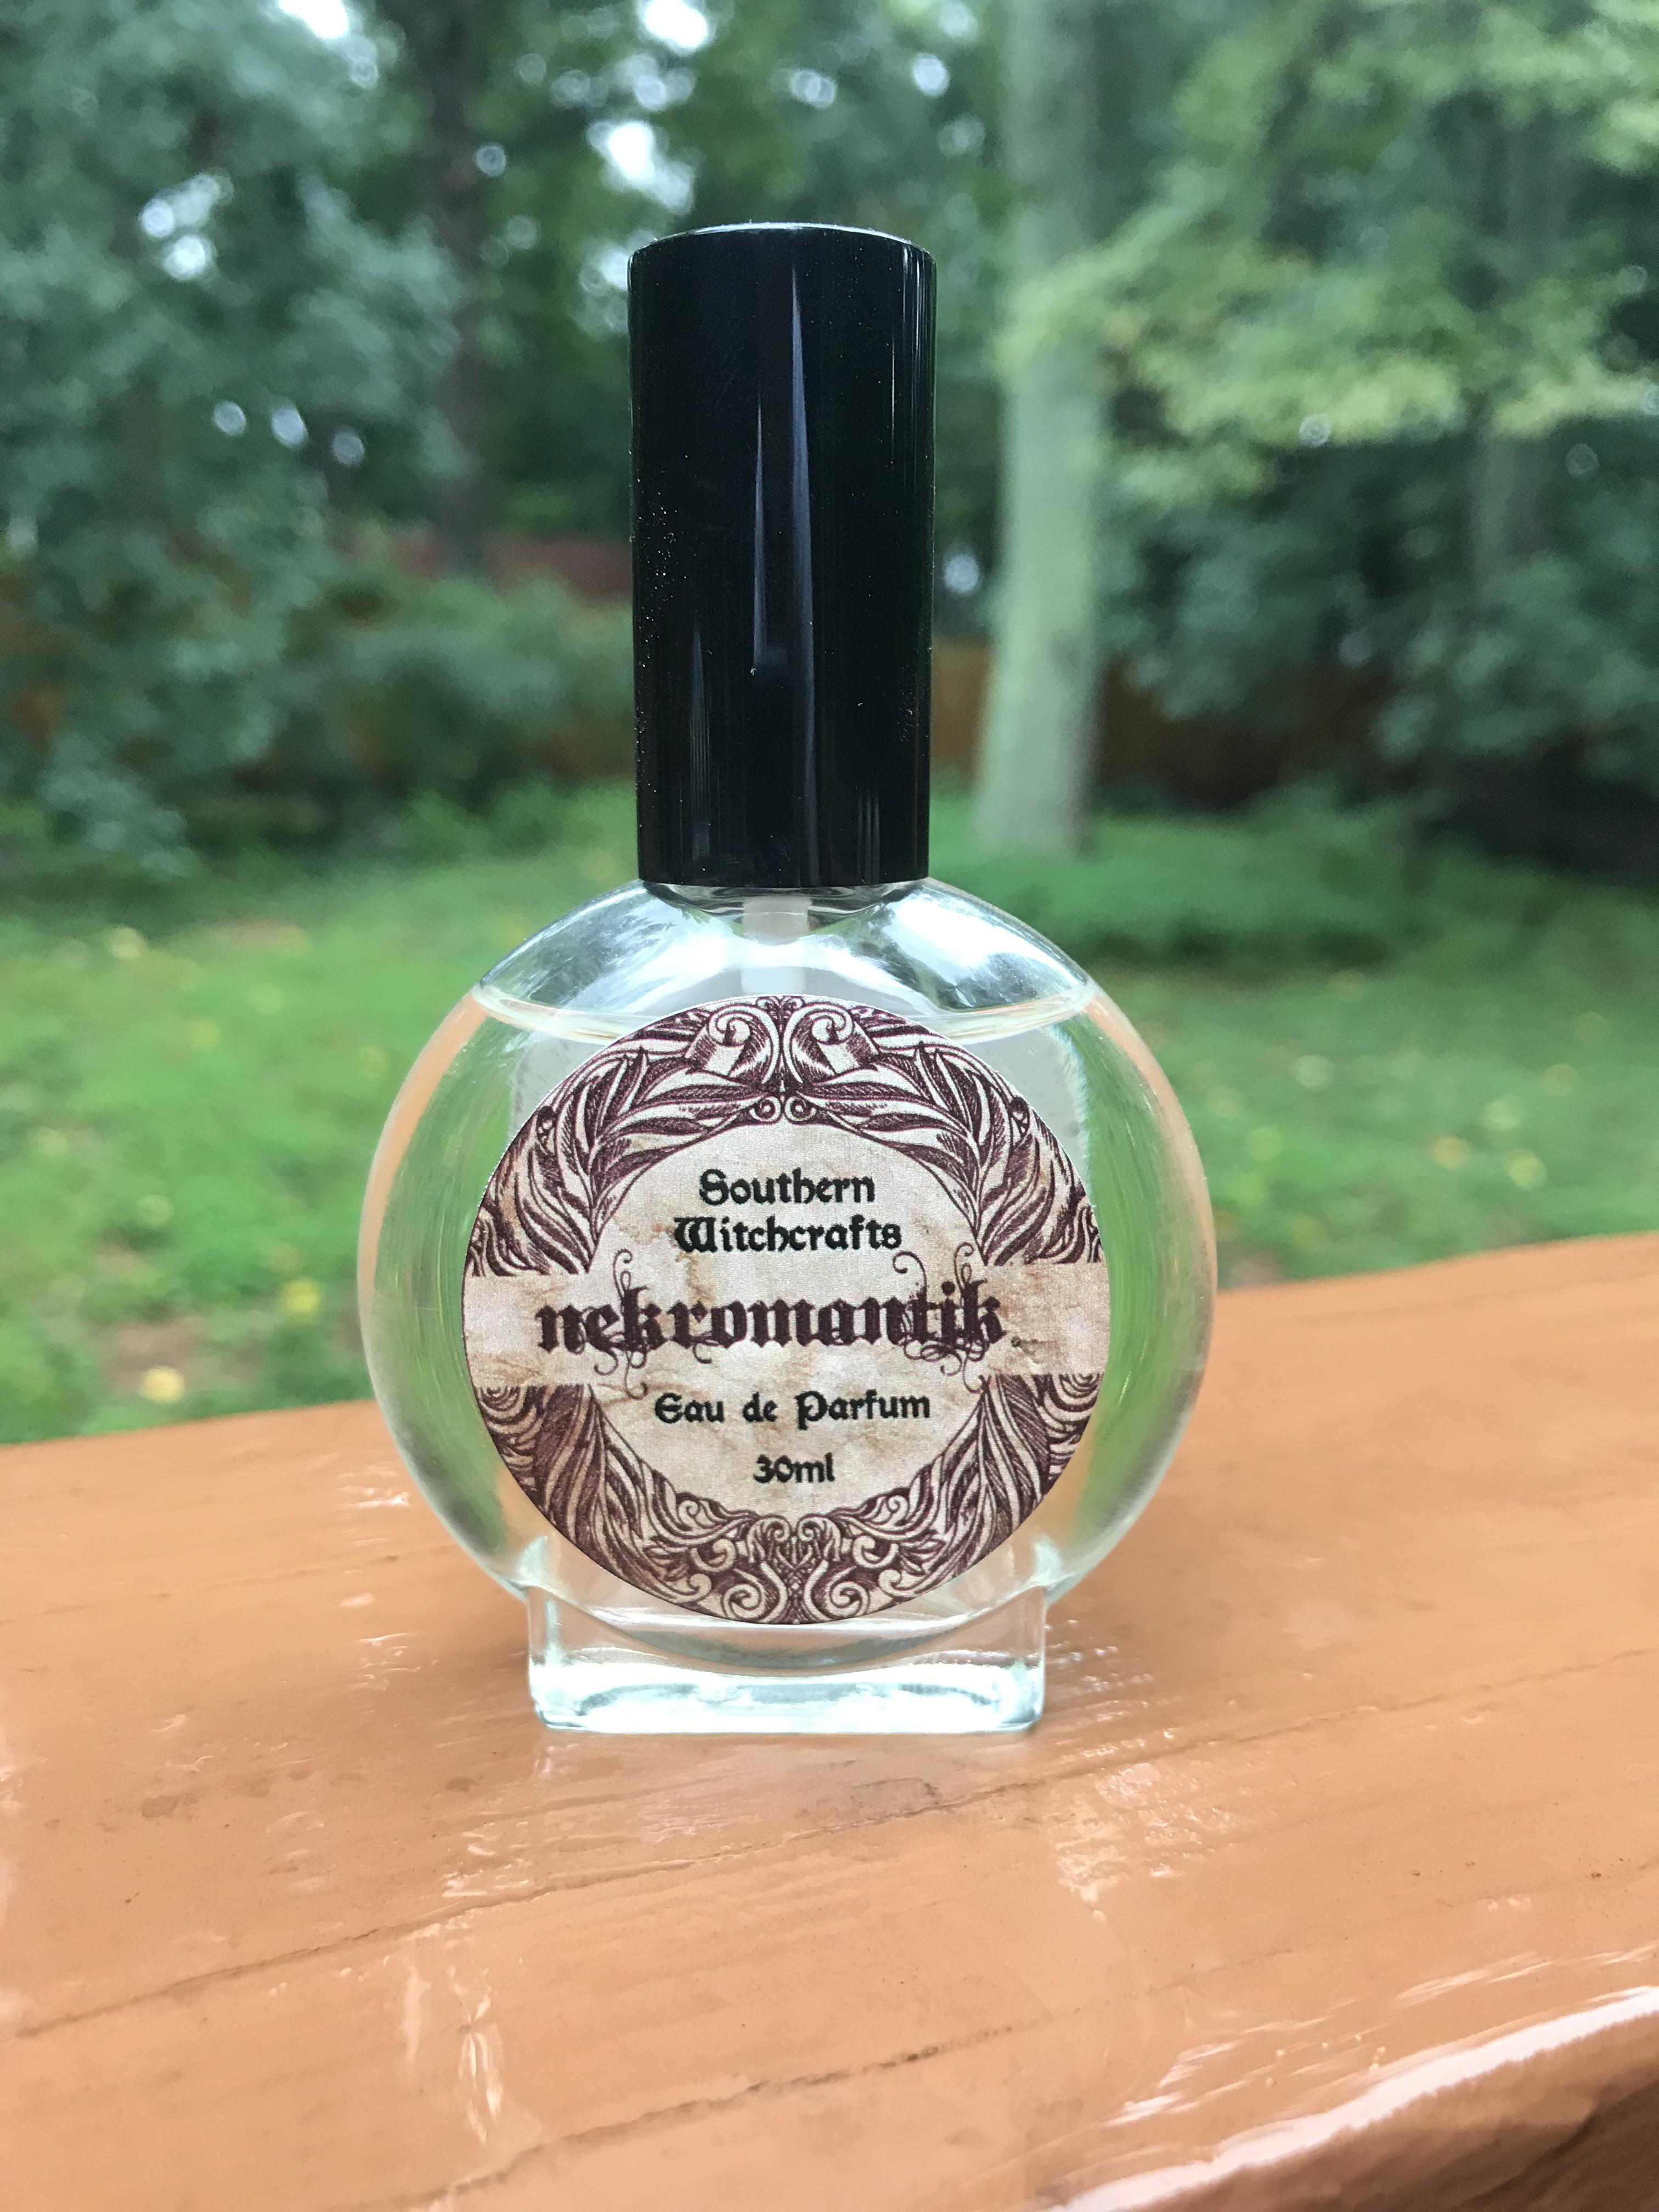 Southern Witchcrafts - Necromantic - Eau de Parfum image